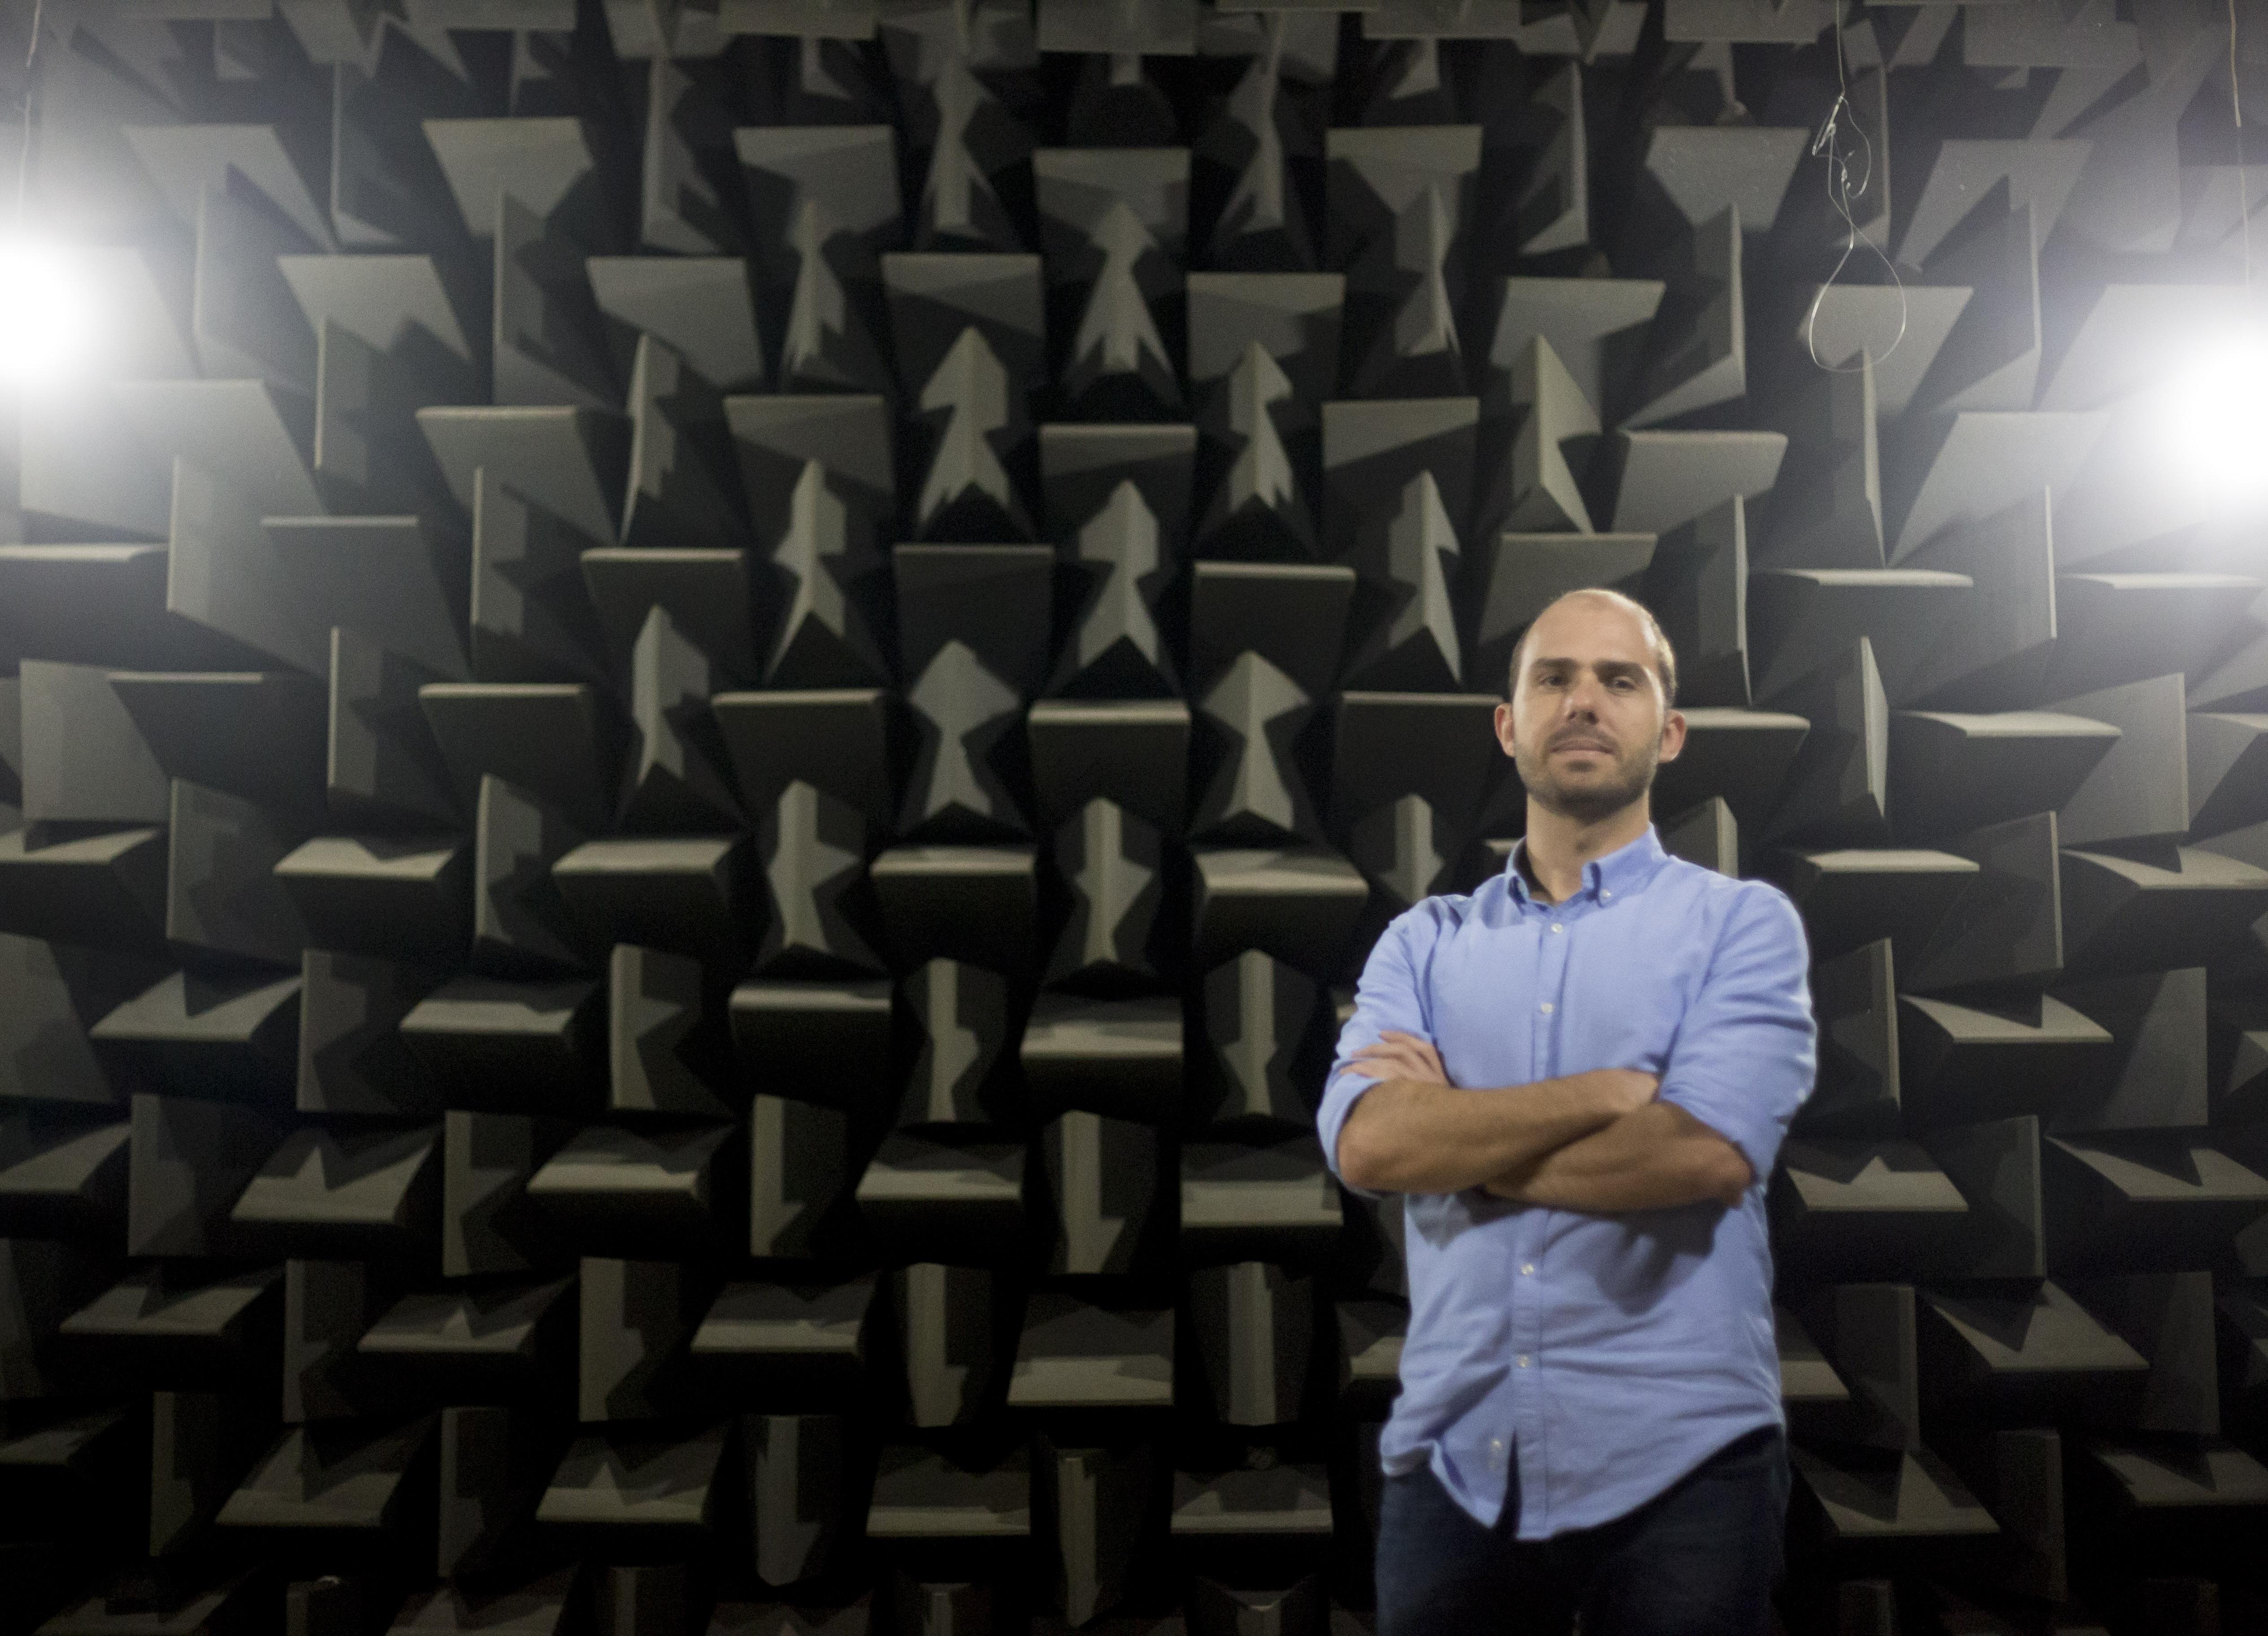 Andrey Ricardo da Silva coordena o estudo da prótese de voz no laboratório da UFSC - Flávio Tin/ND